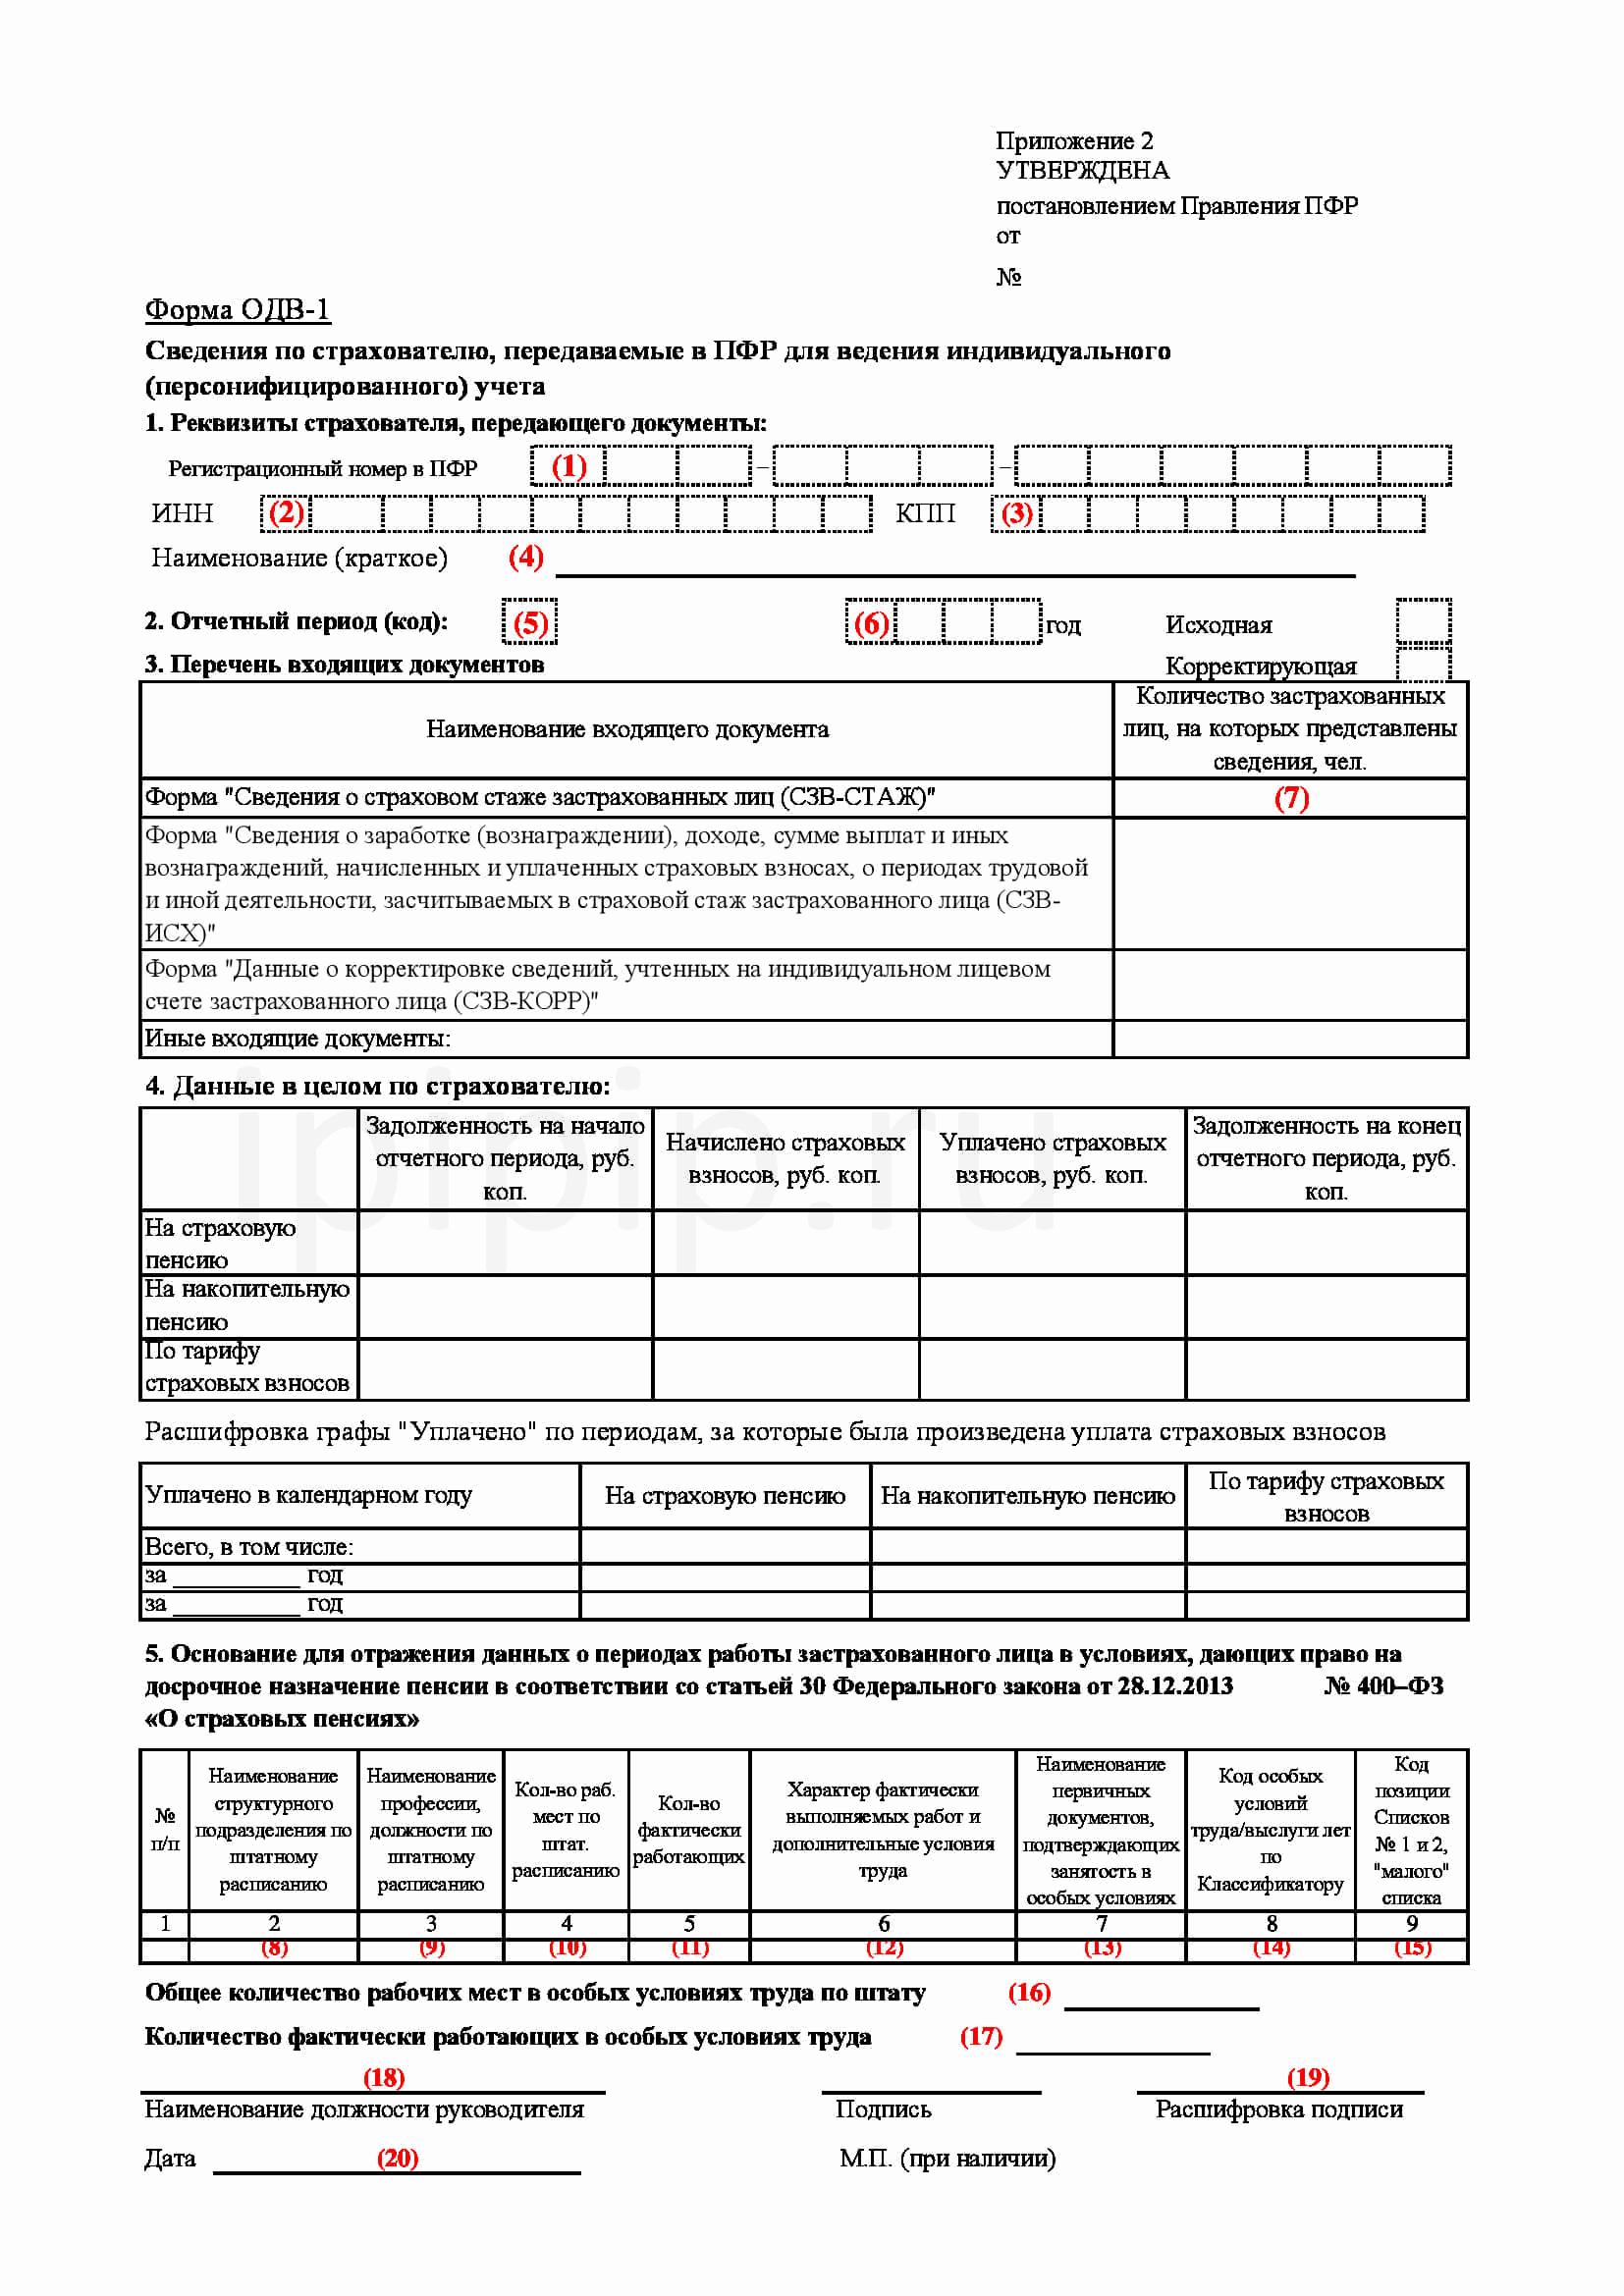 Как сделать корректировку персонифицированного учета 898